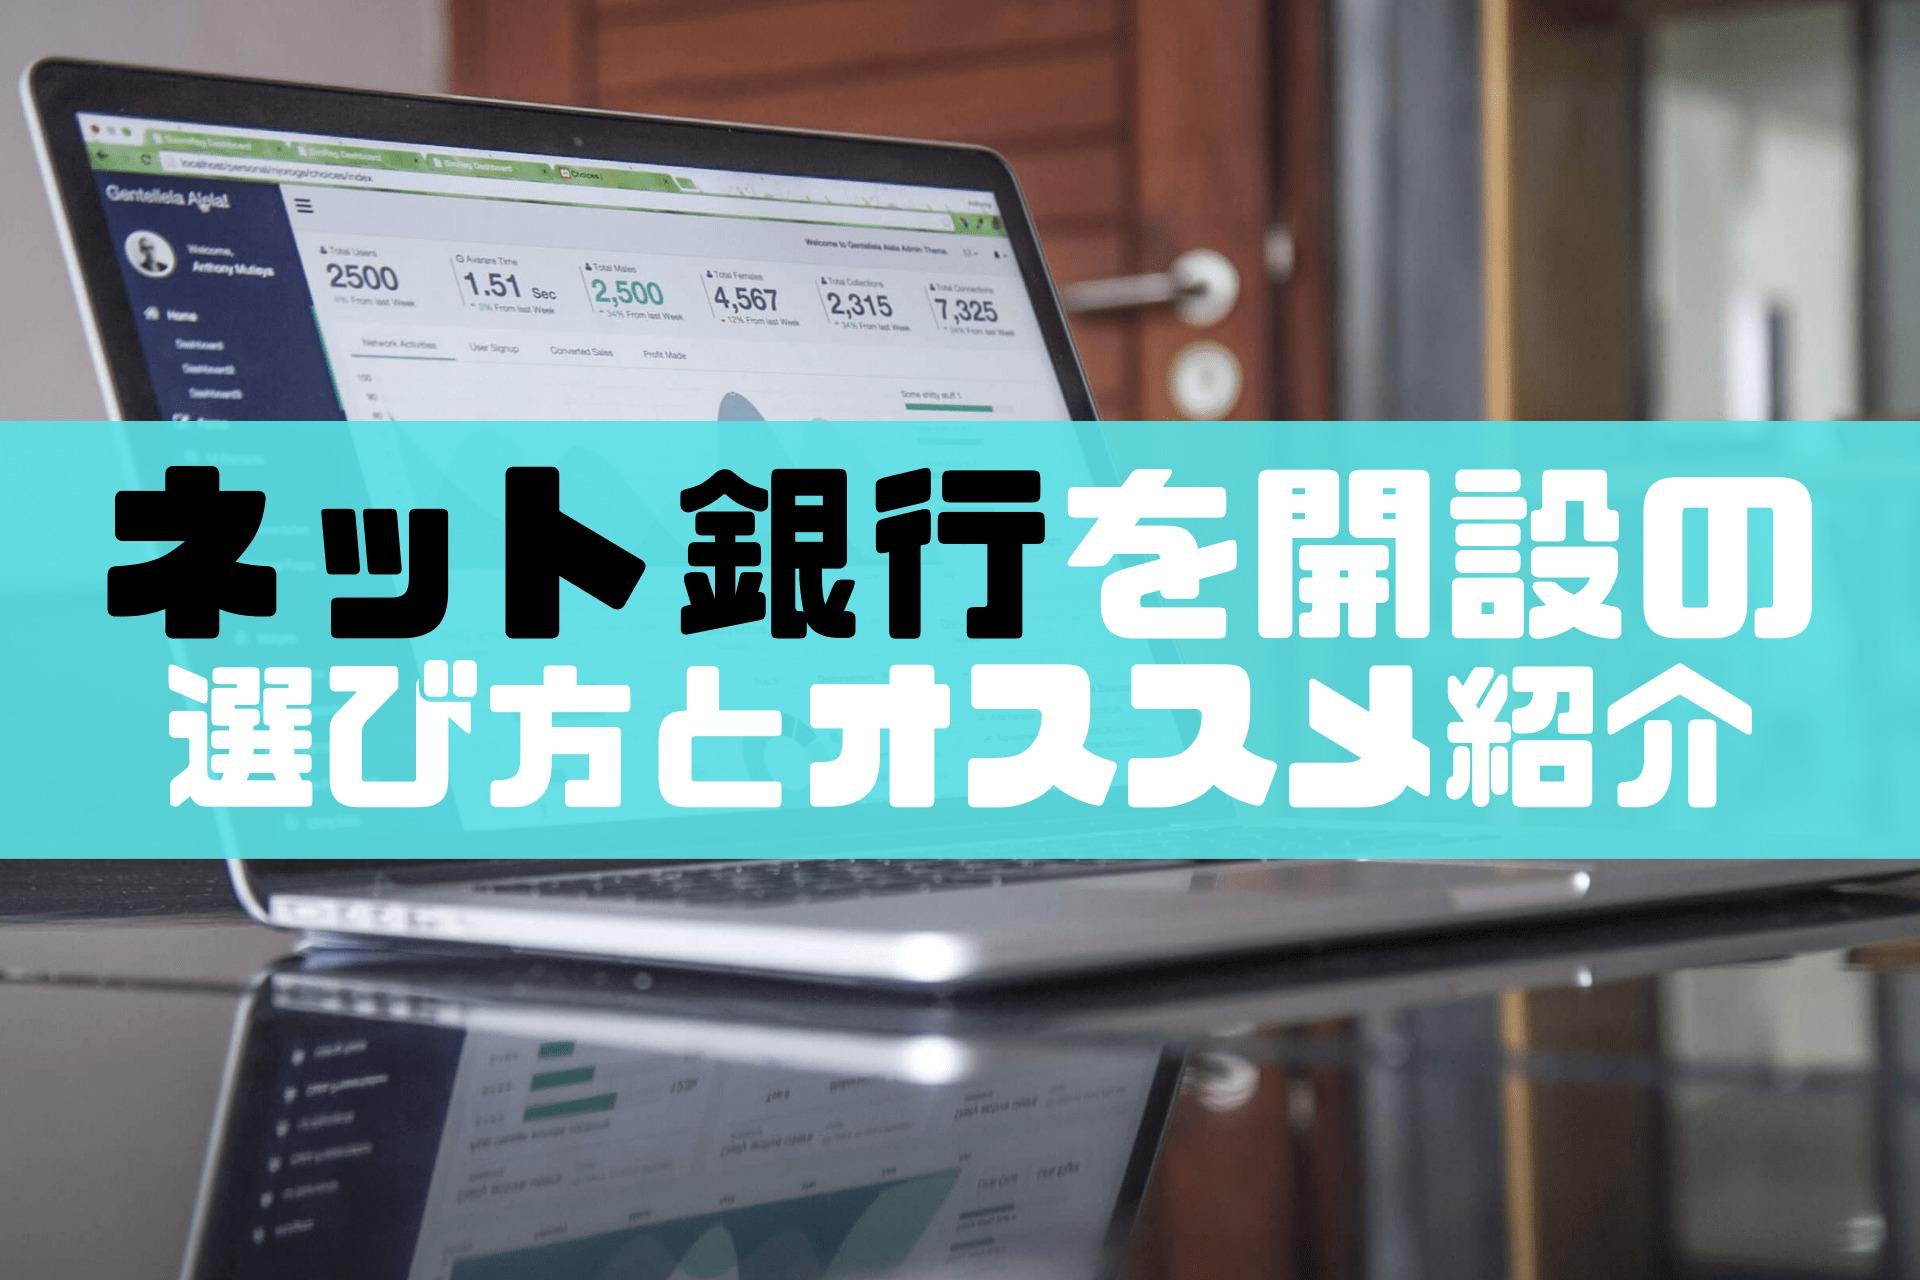 ネット銀行とは?選び方とおすすめのネット銀行を紹介!